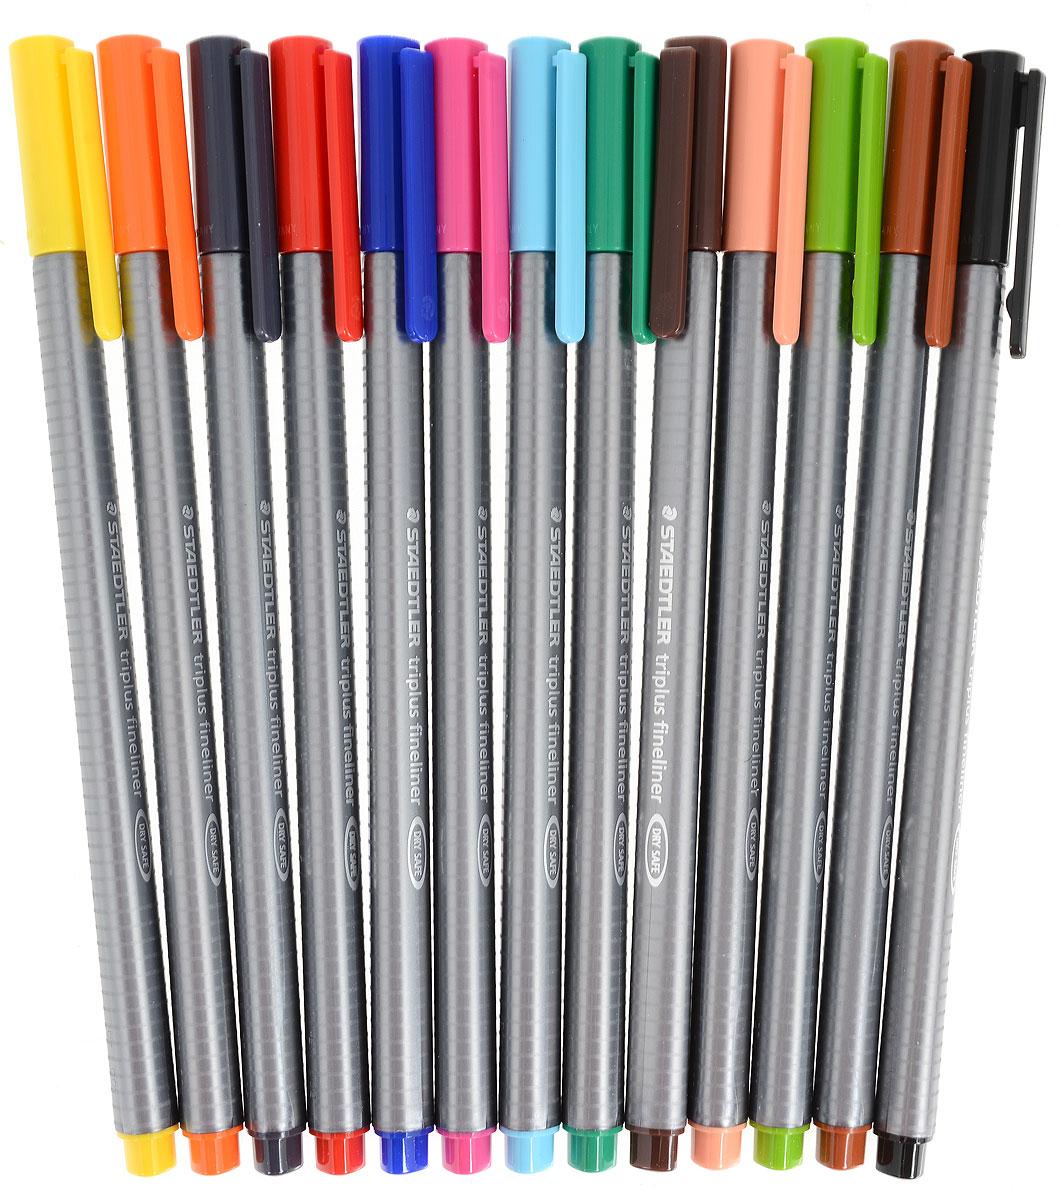 Набор капиллярных ручек Staedtler Triplus с пишущим узлом повышенной прочности можно использовать как в офисе, так и в школе. Также набор идеально подойдет для творчества. Чернила на водной основе, их легко отстирать с большинства тканей. Толщина линии - 0,3 мм.  В набор входят 13 разноцветных ручек.